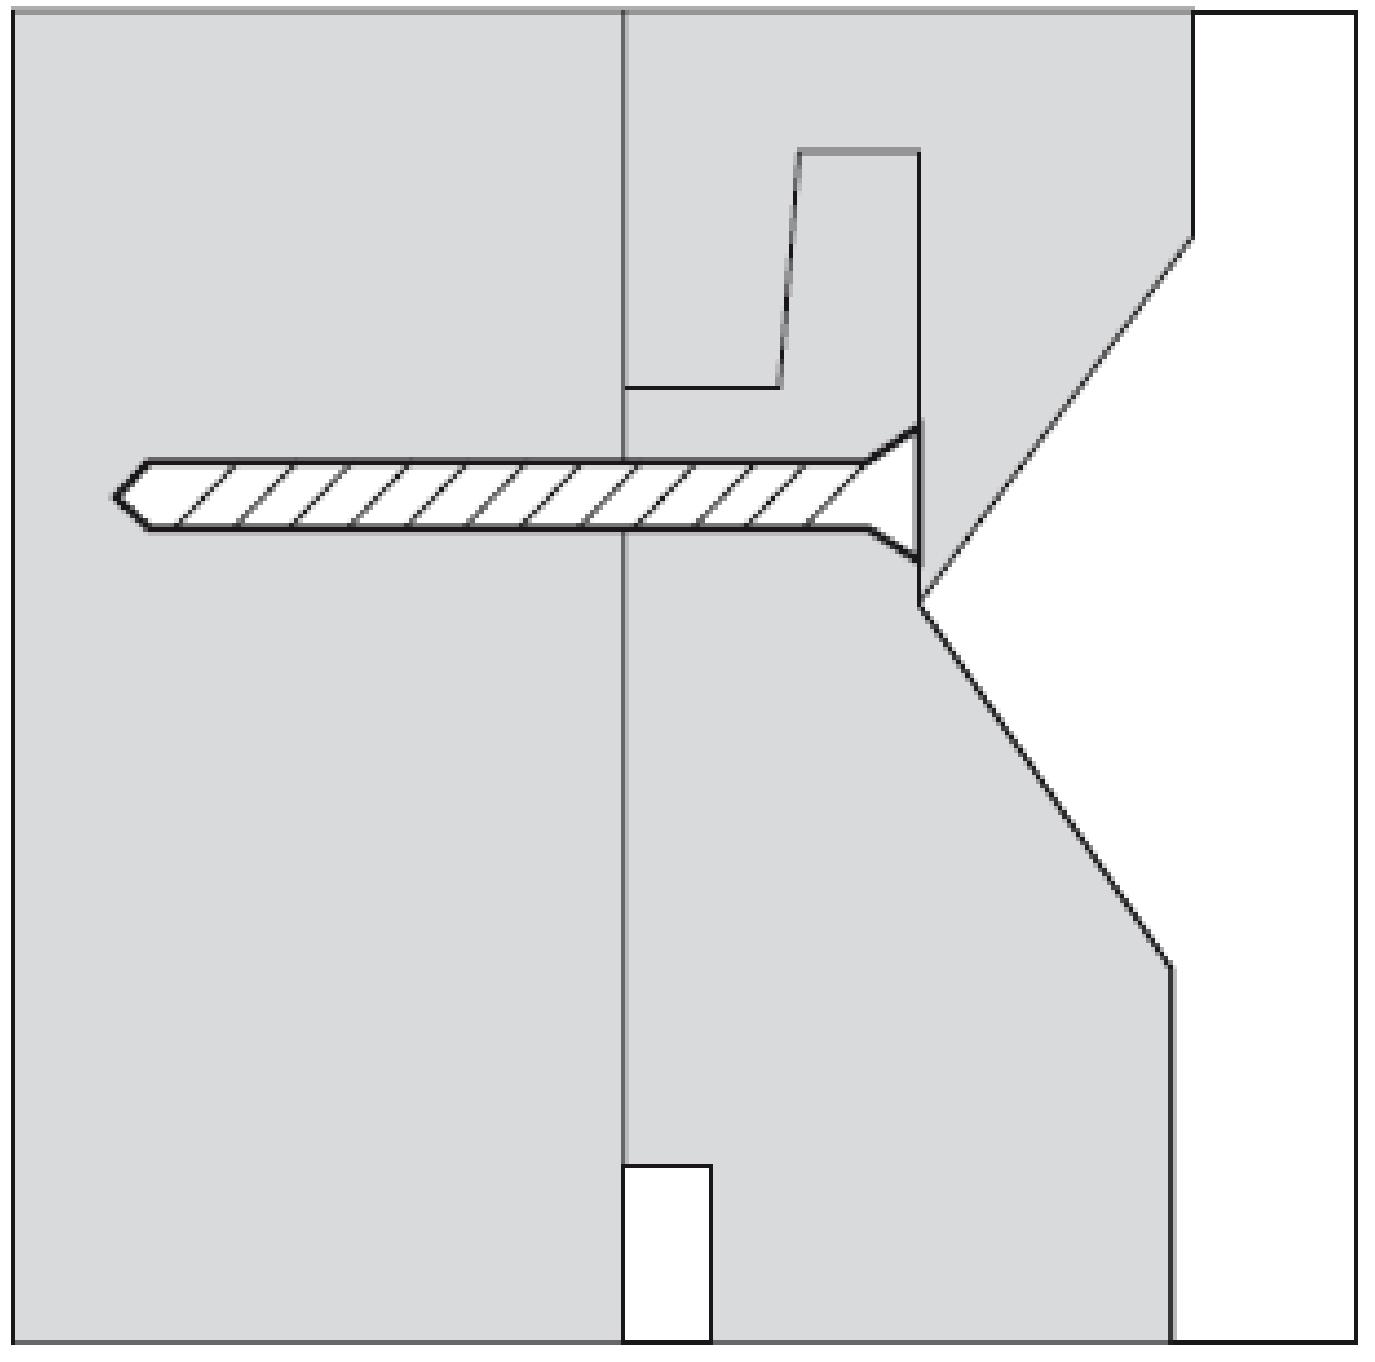 Обшивка балкона вагонкой. Продолжение 3